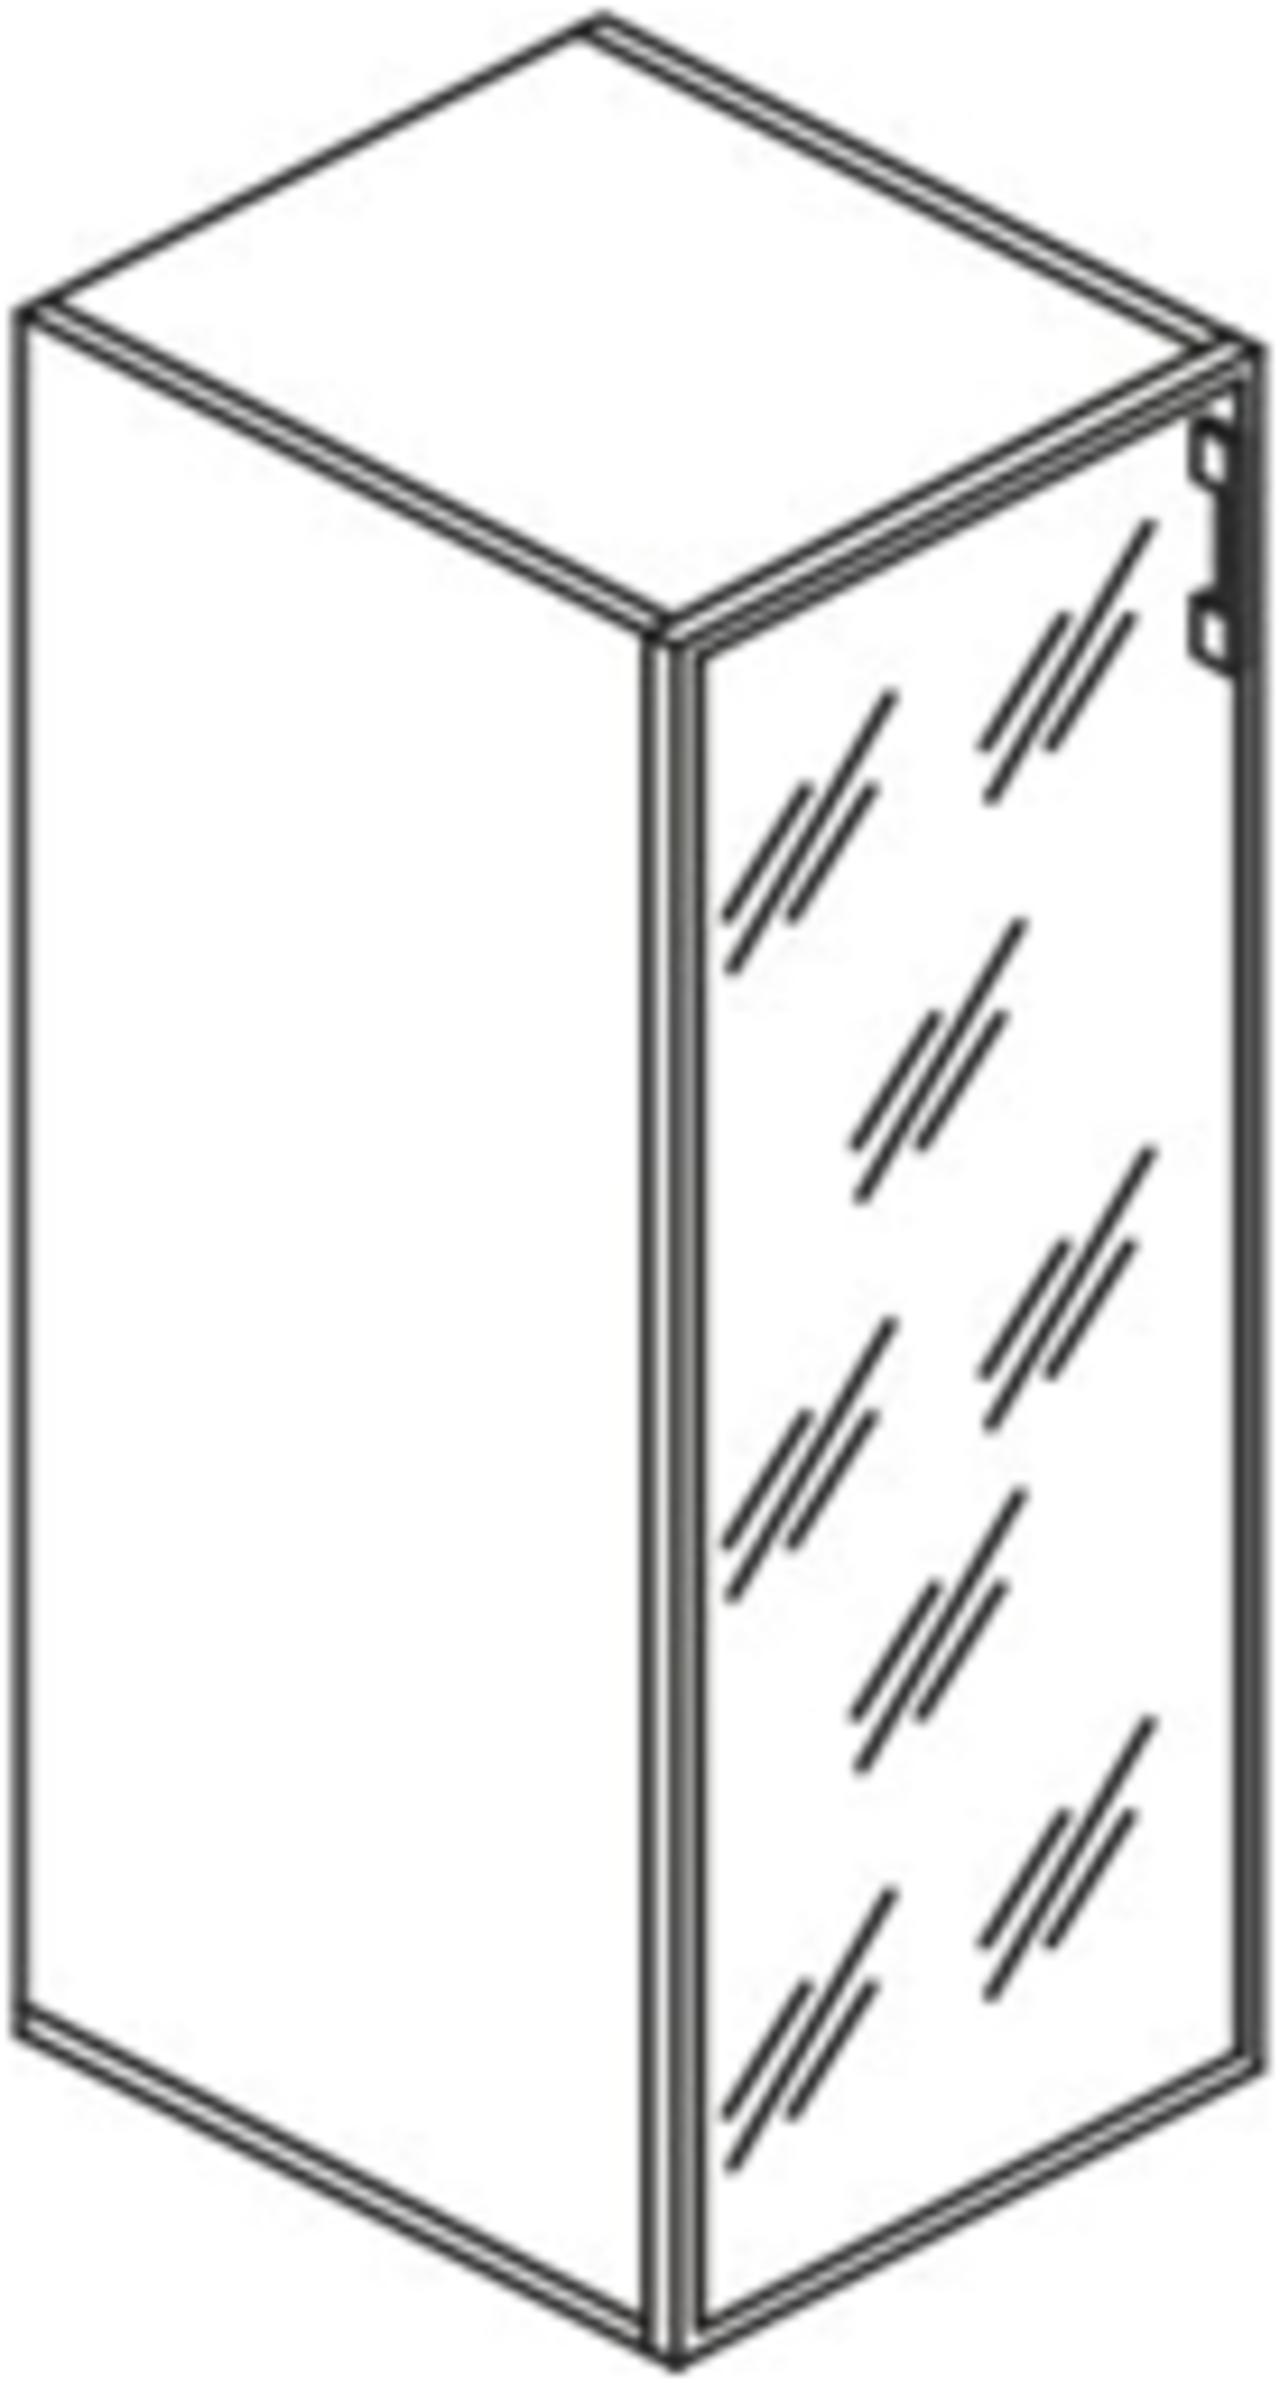 Стеллаж средний узкий - фото 2